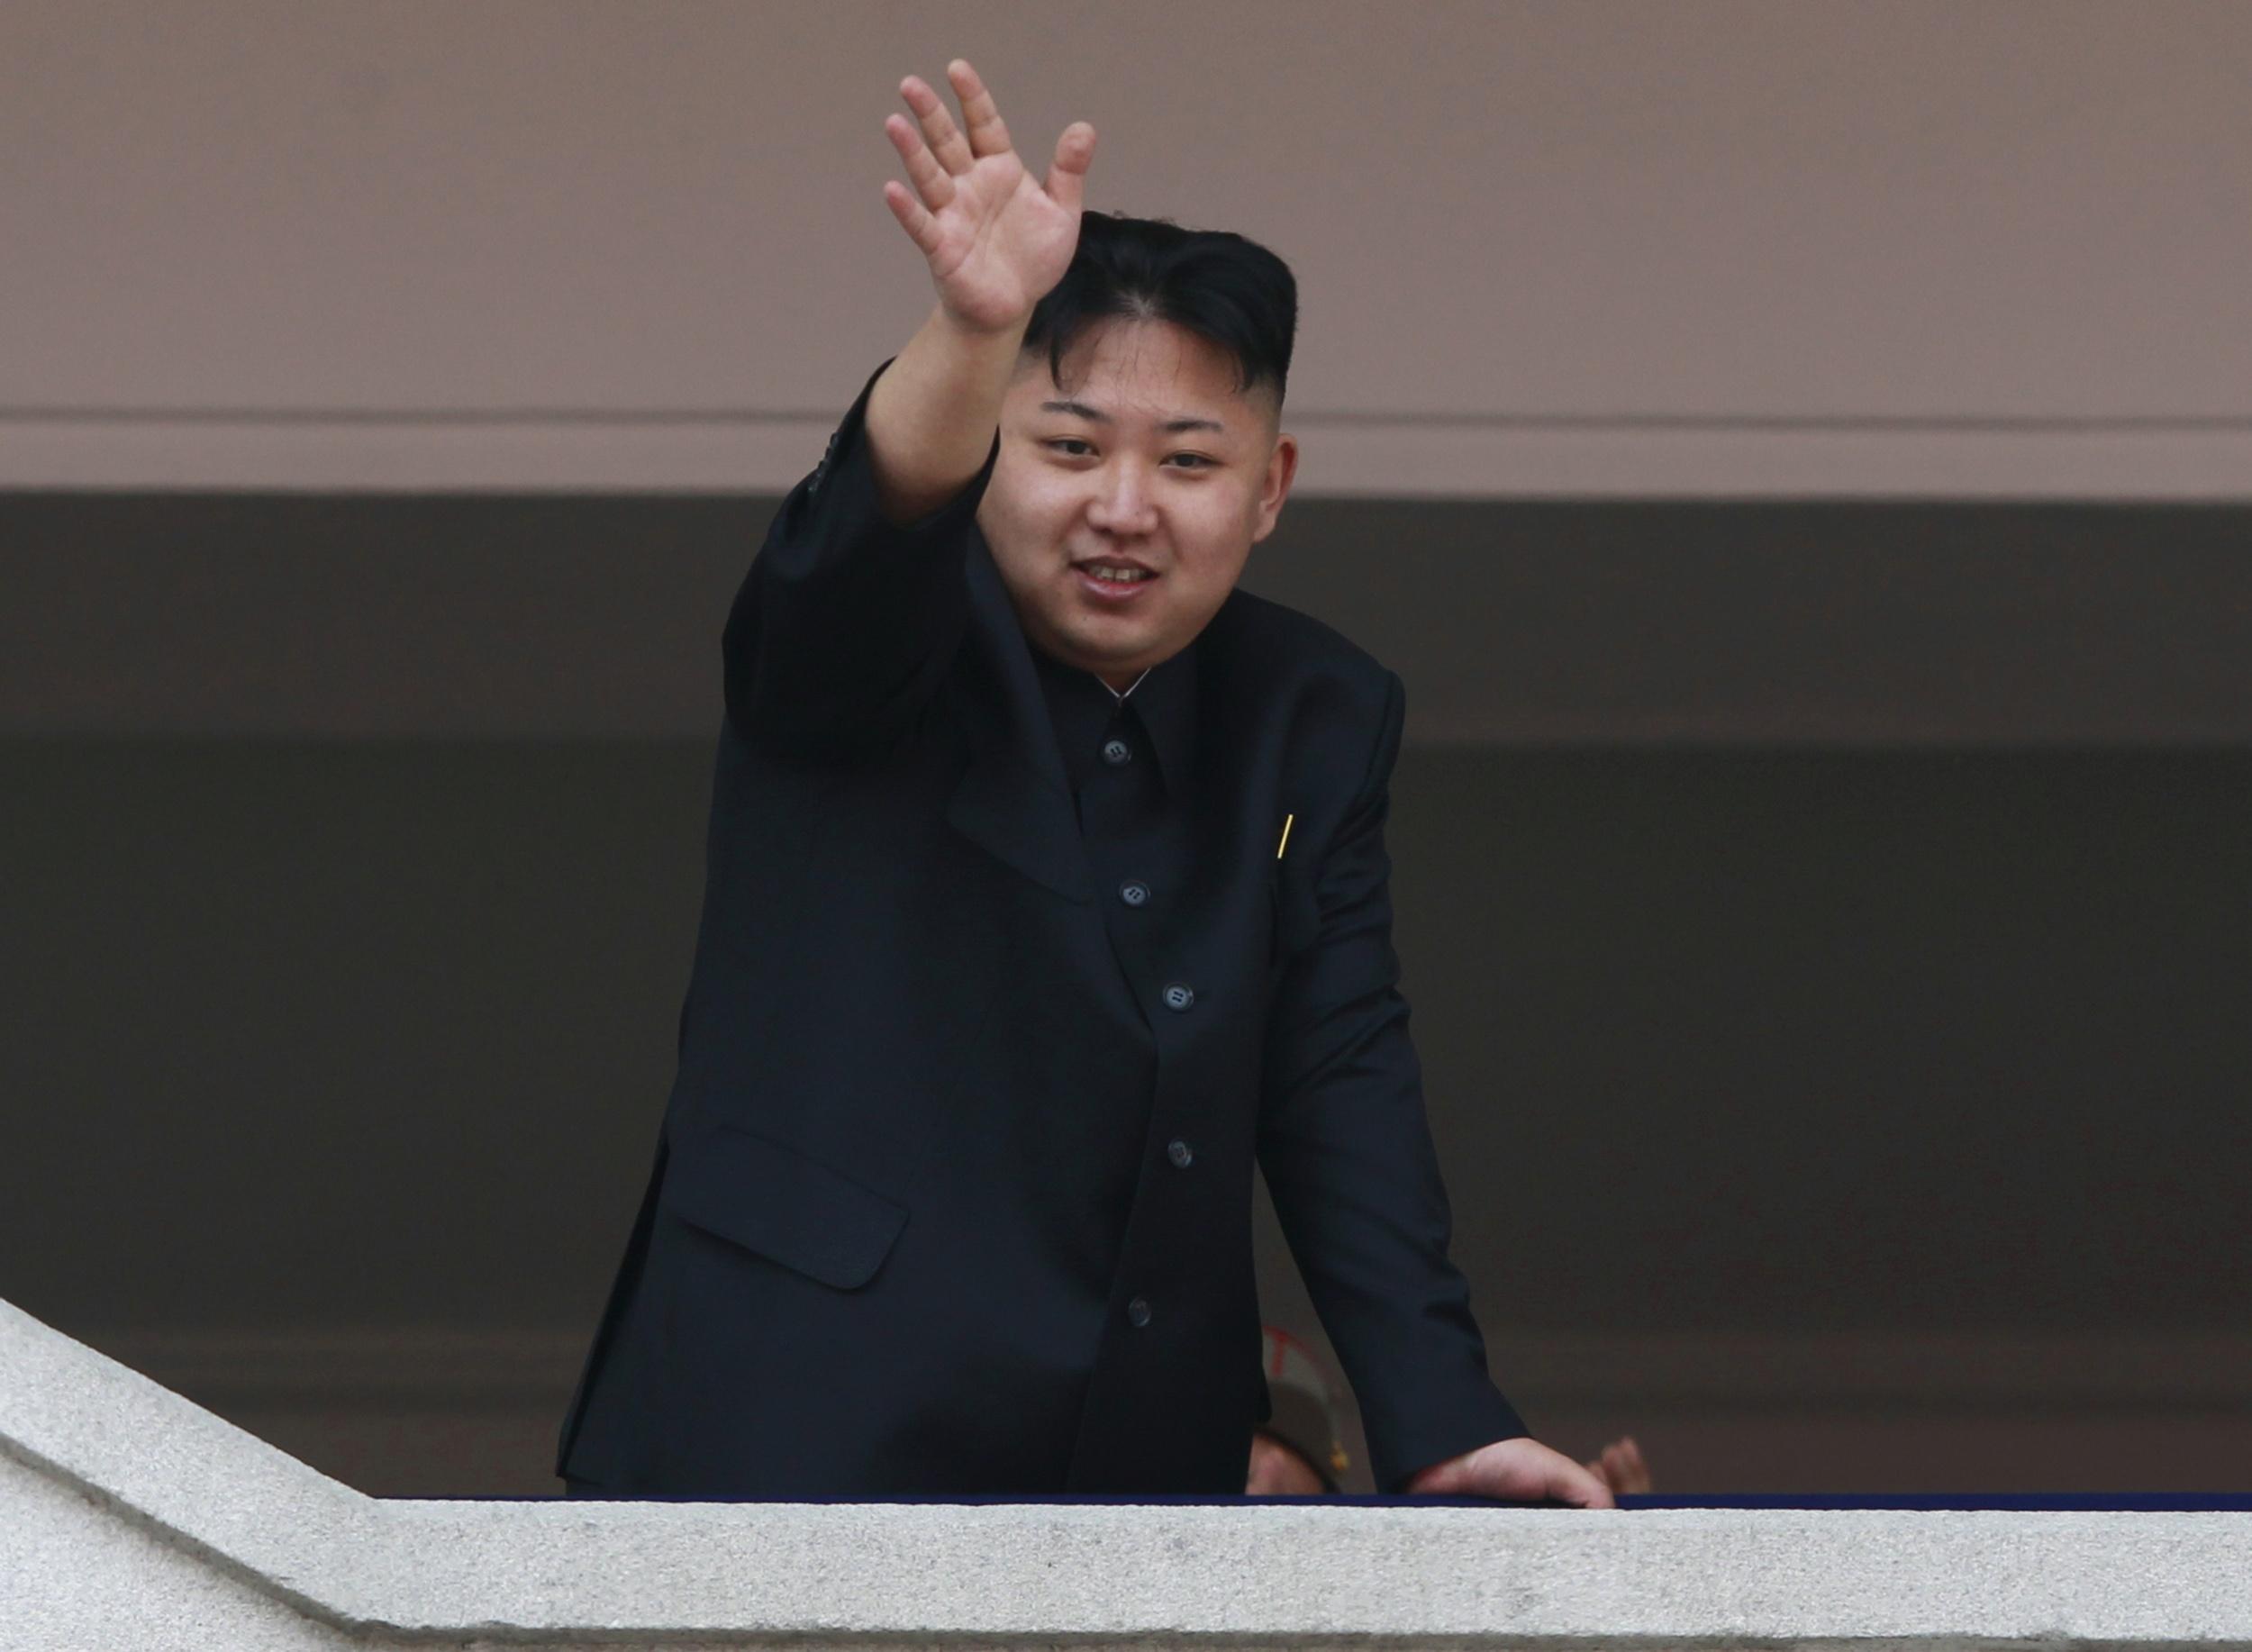 КНДР провела невдалий запуск нової ракети